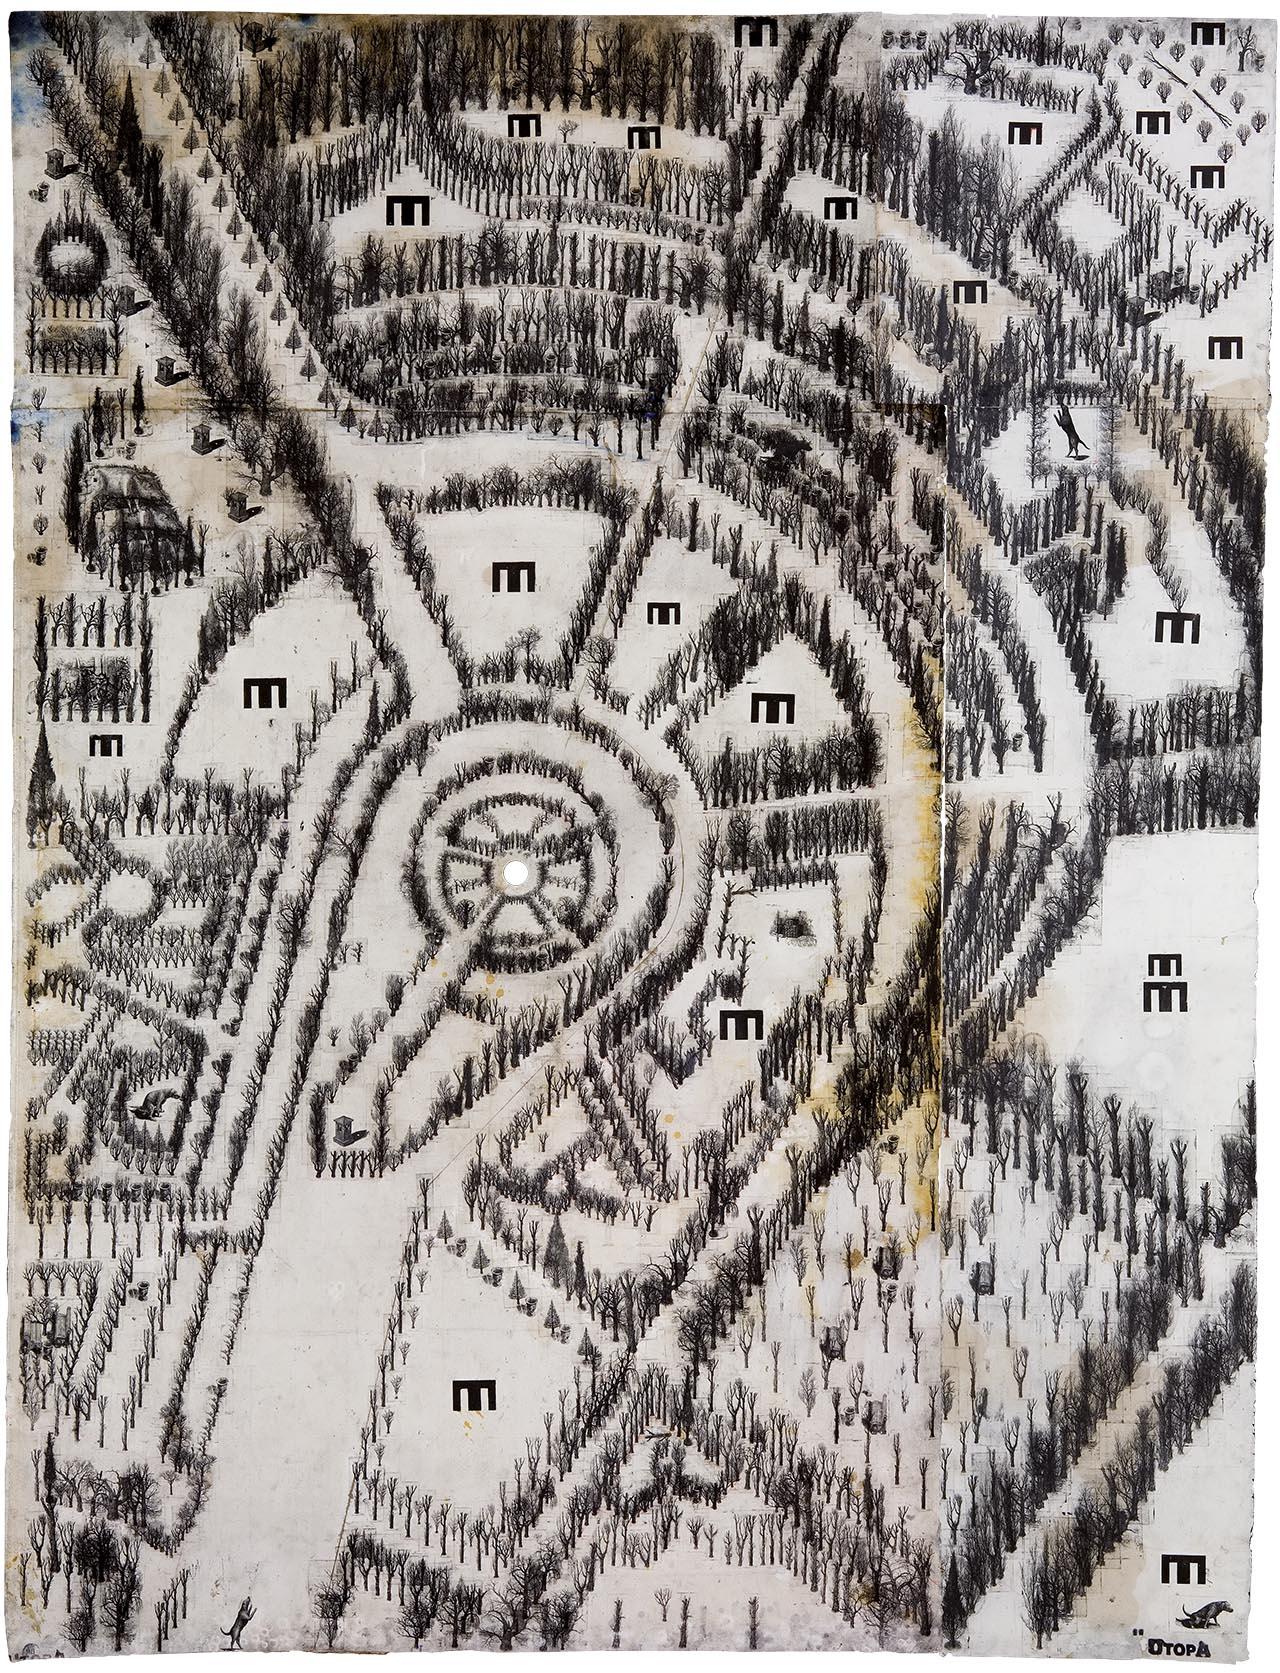 РАЗГОВОР С выдающимся украинским художником ПАВЛОМ МАКОВЫМ, автором инсталляции «Межа» на обложке третьего номера Huxleў (Часть II)